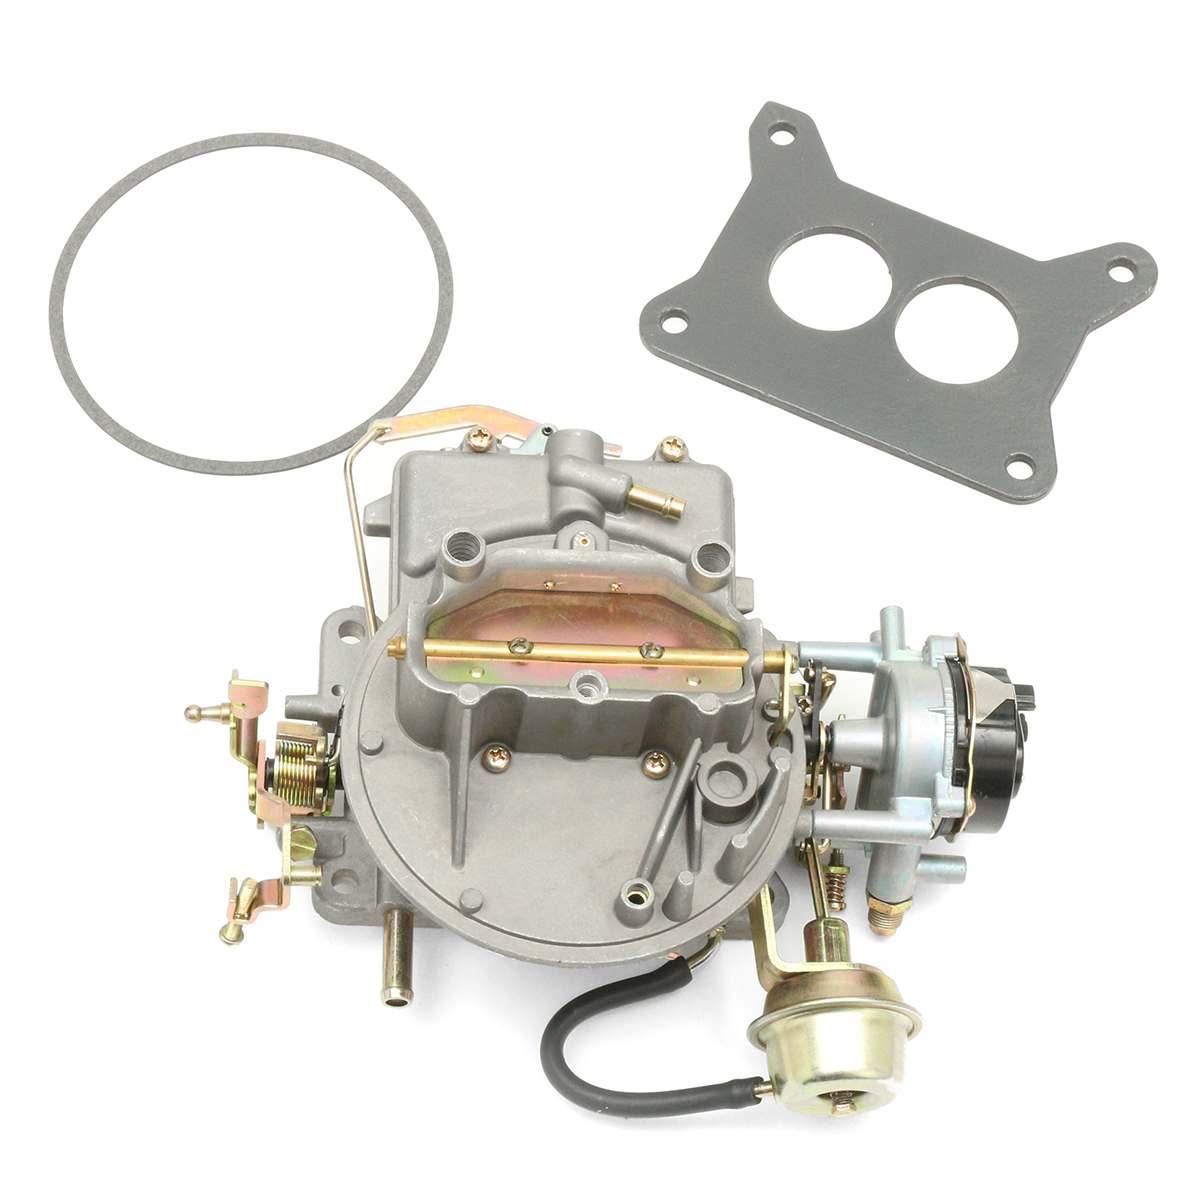 2 baril Carburateur Carb 2100 Pour Ford F100 F250 F350 pour Mustang Moteur 289 302 351 19641984